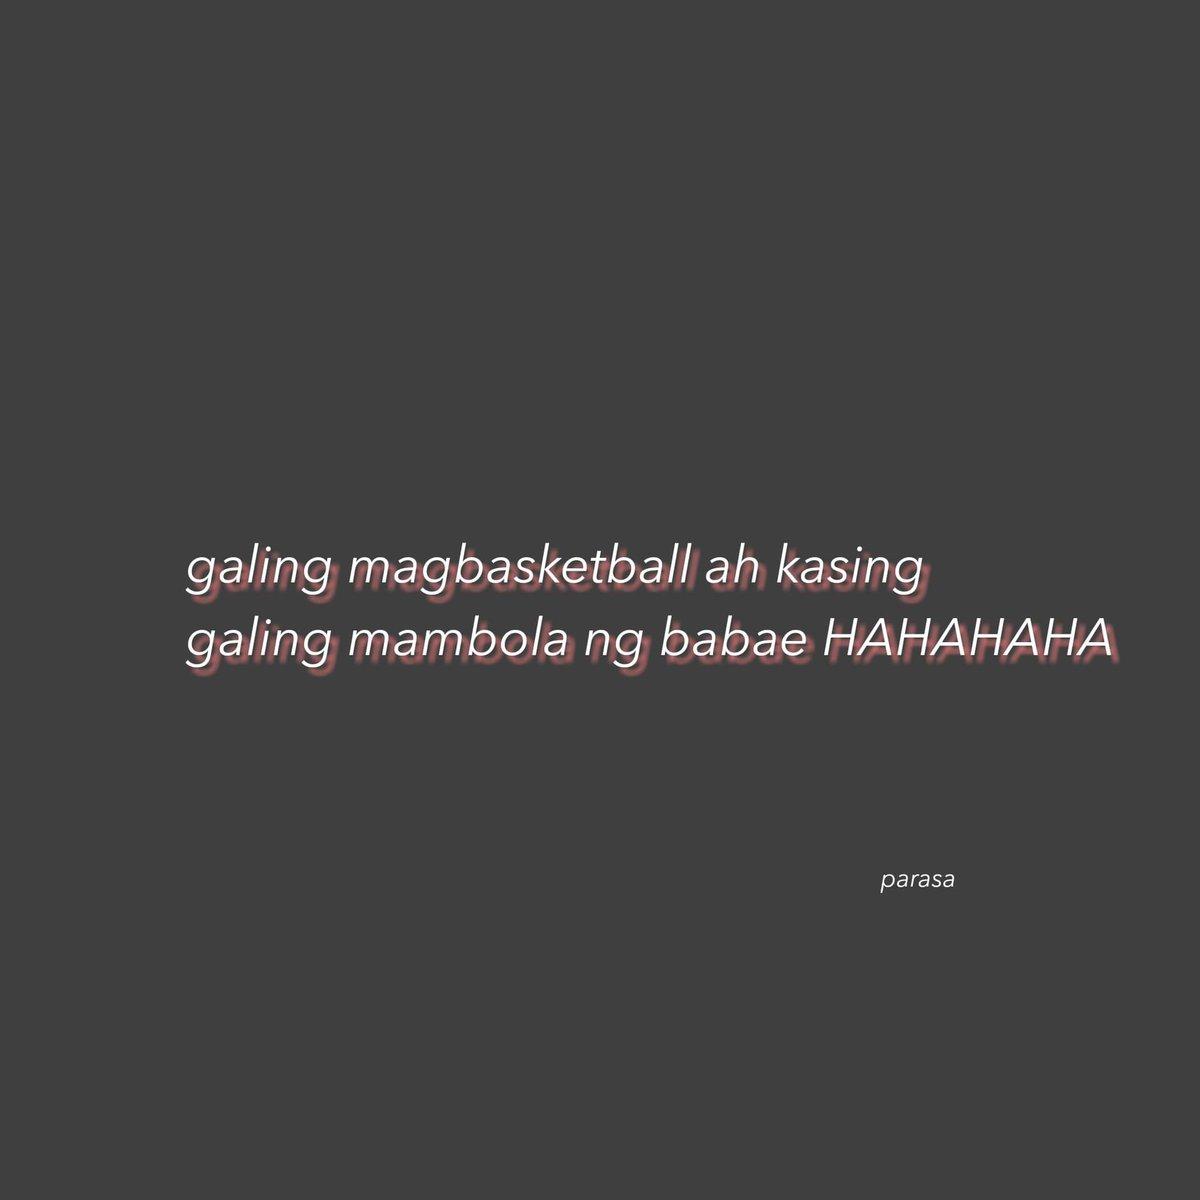 Sa basketball lang po ako marunong mang iwan 😇😅 Ctto.